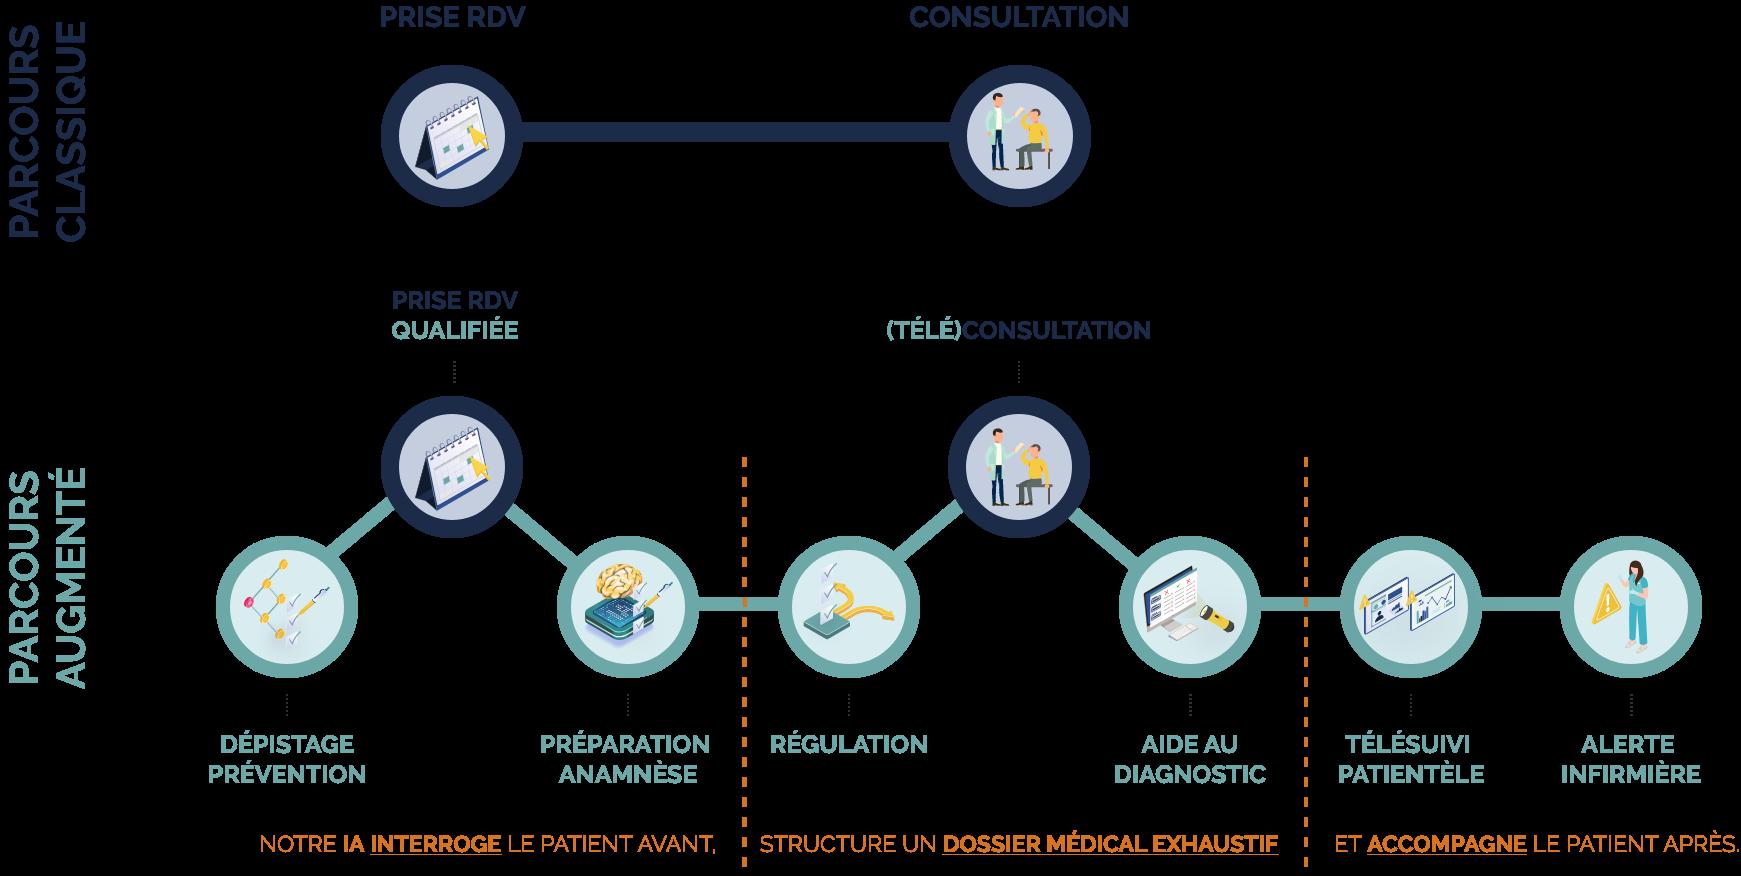 picto-parcours-classique-vs-parcours-augmente-optimisation-parcours-de-soin